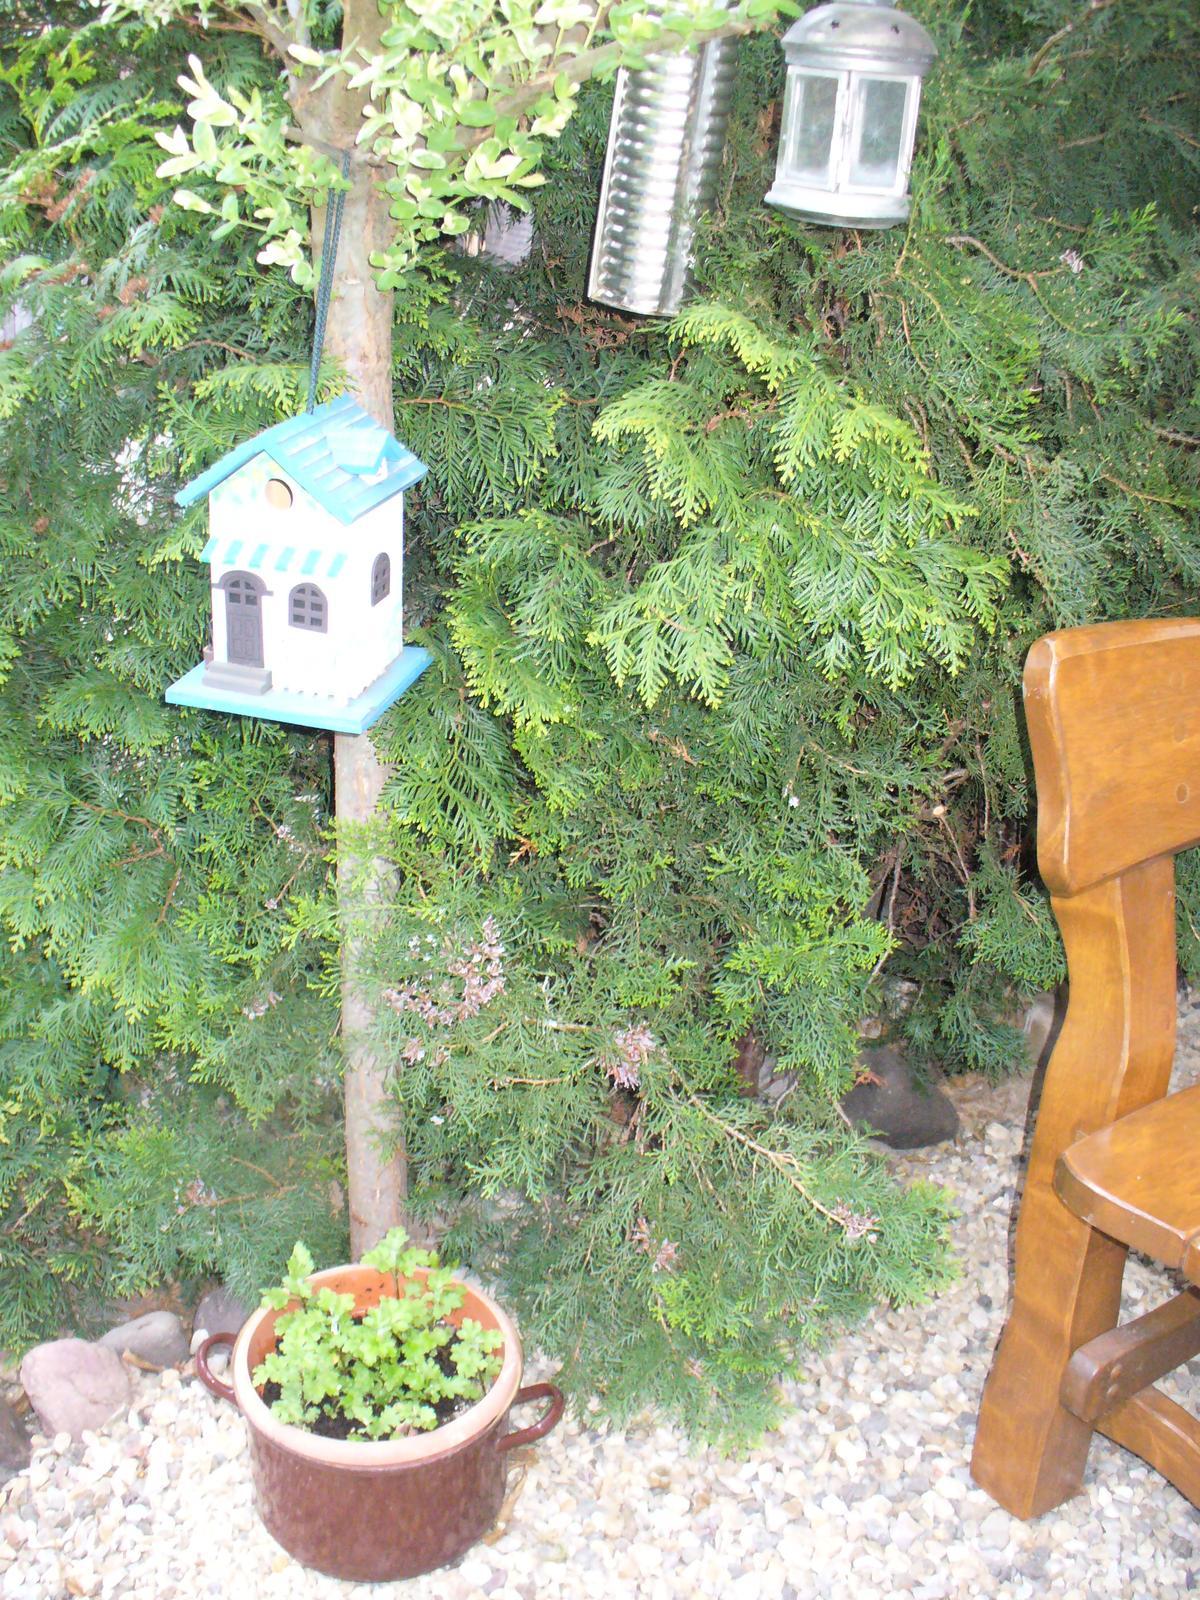 Prerábka, sadenie a úpravy v našej mini záhradke. - starý hrniec a srnčia forma